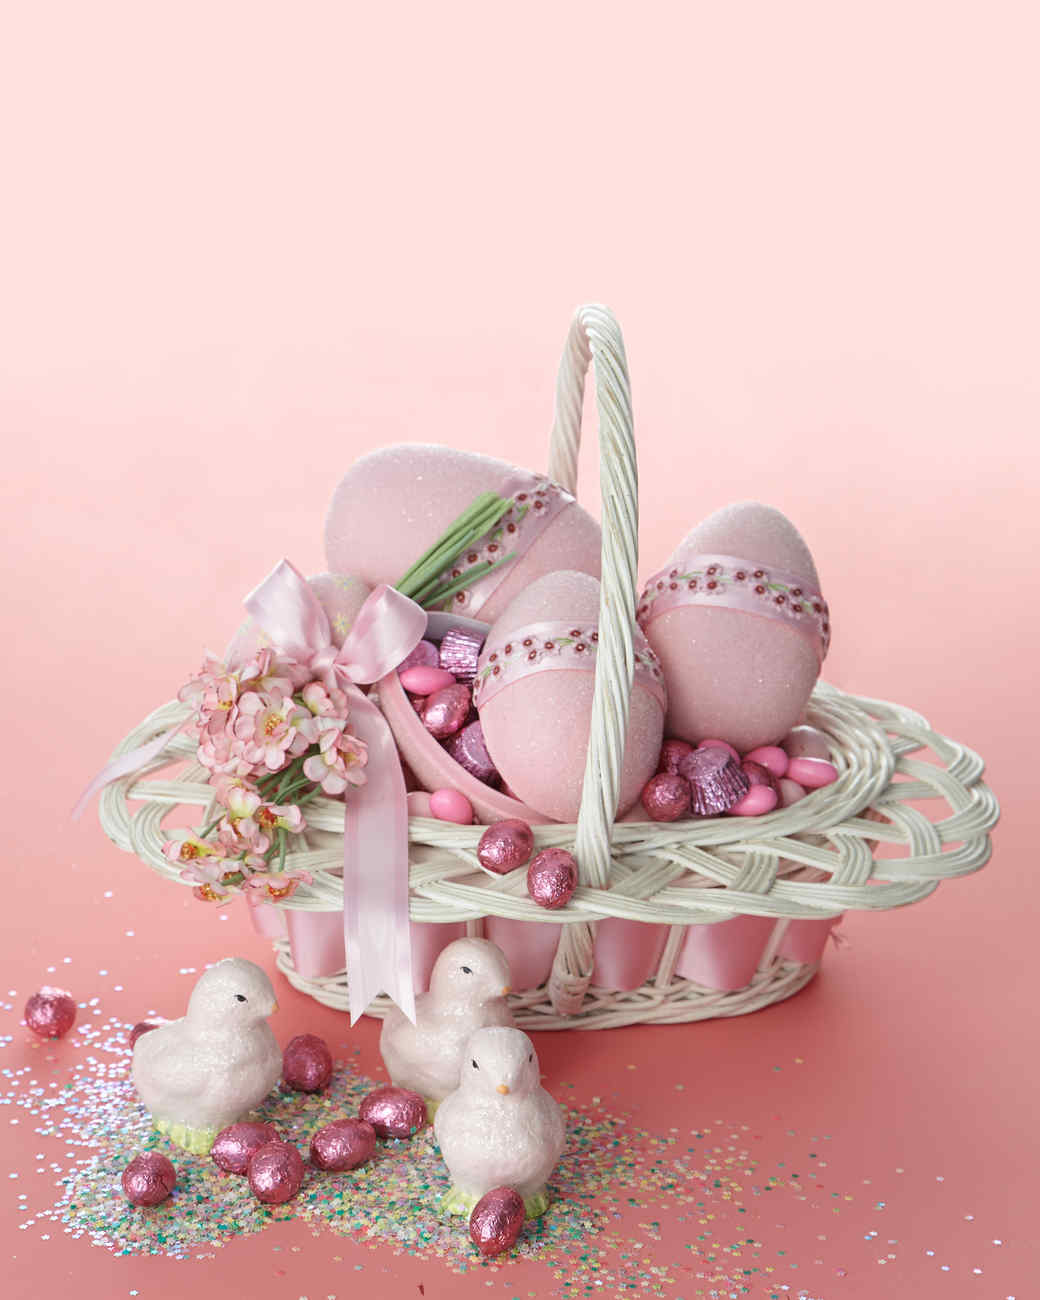 easter-centerpiece-pink-1684-d111156-0414.jpg